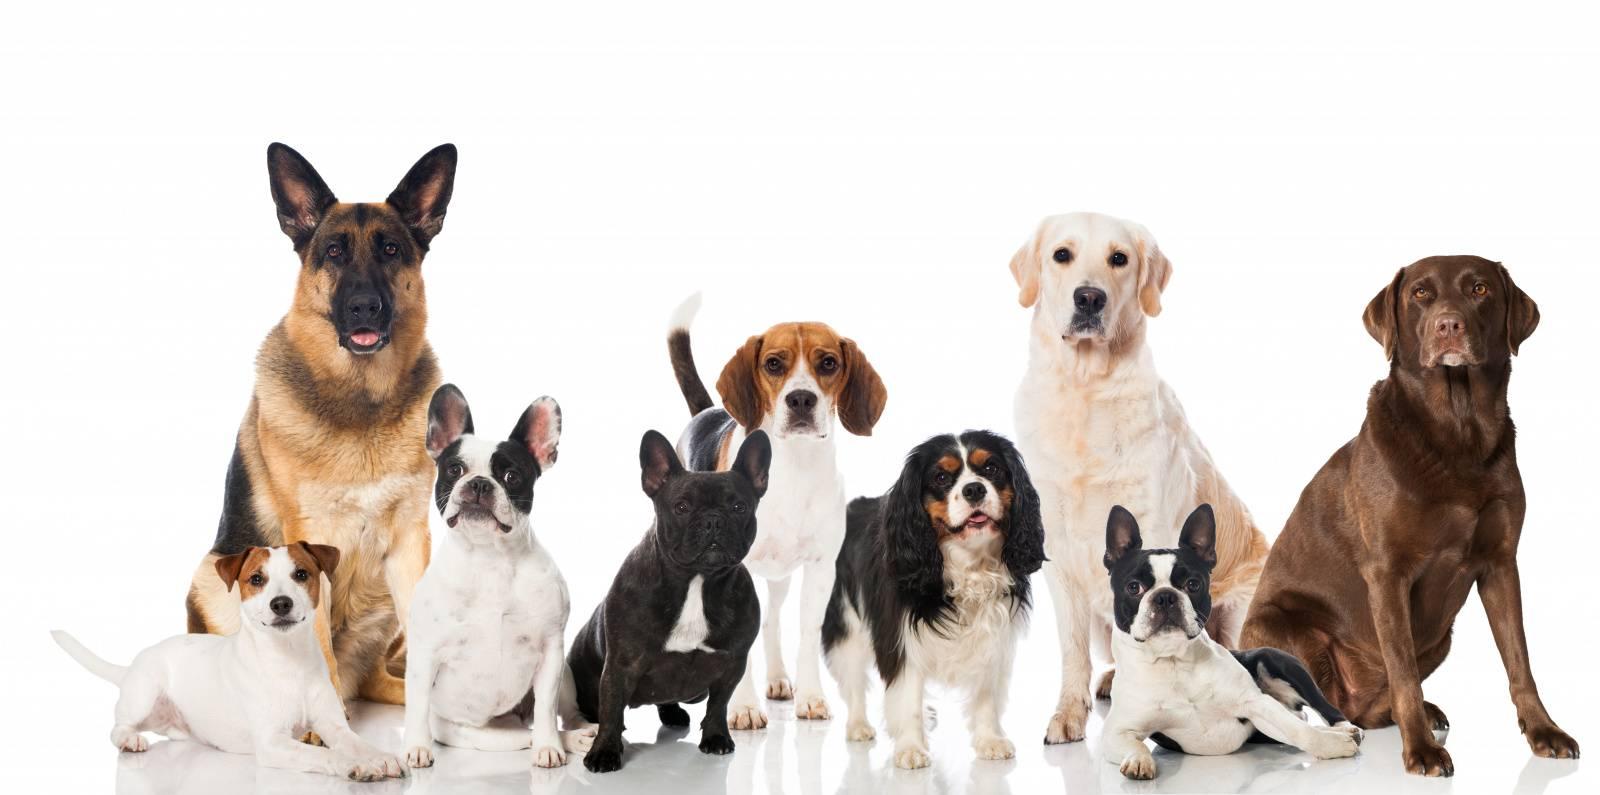 классификация собак по мкф